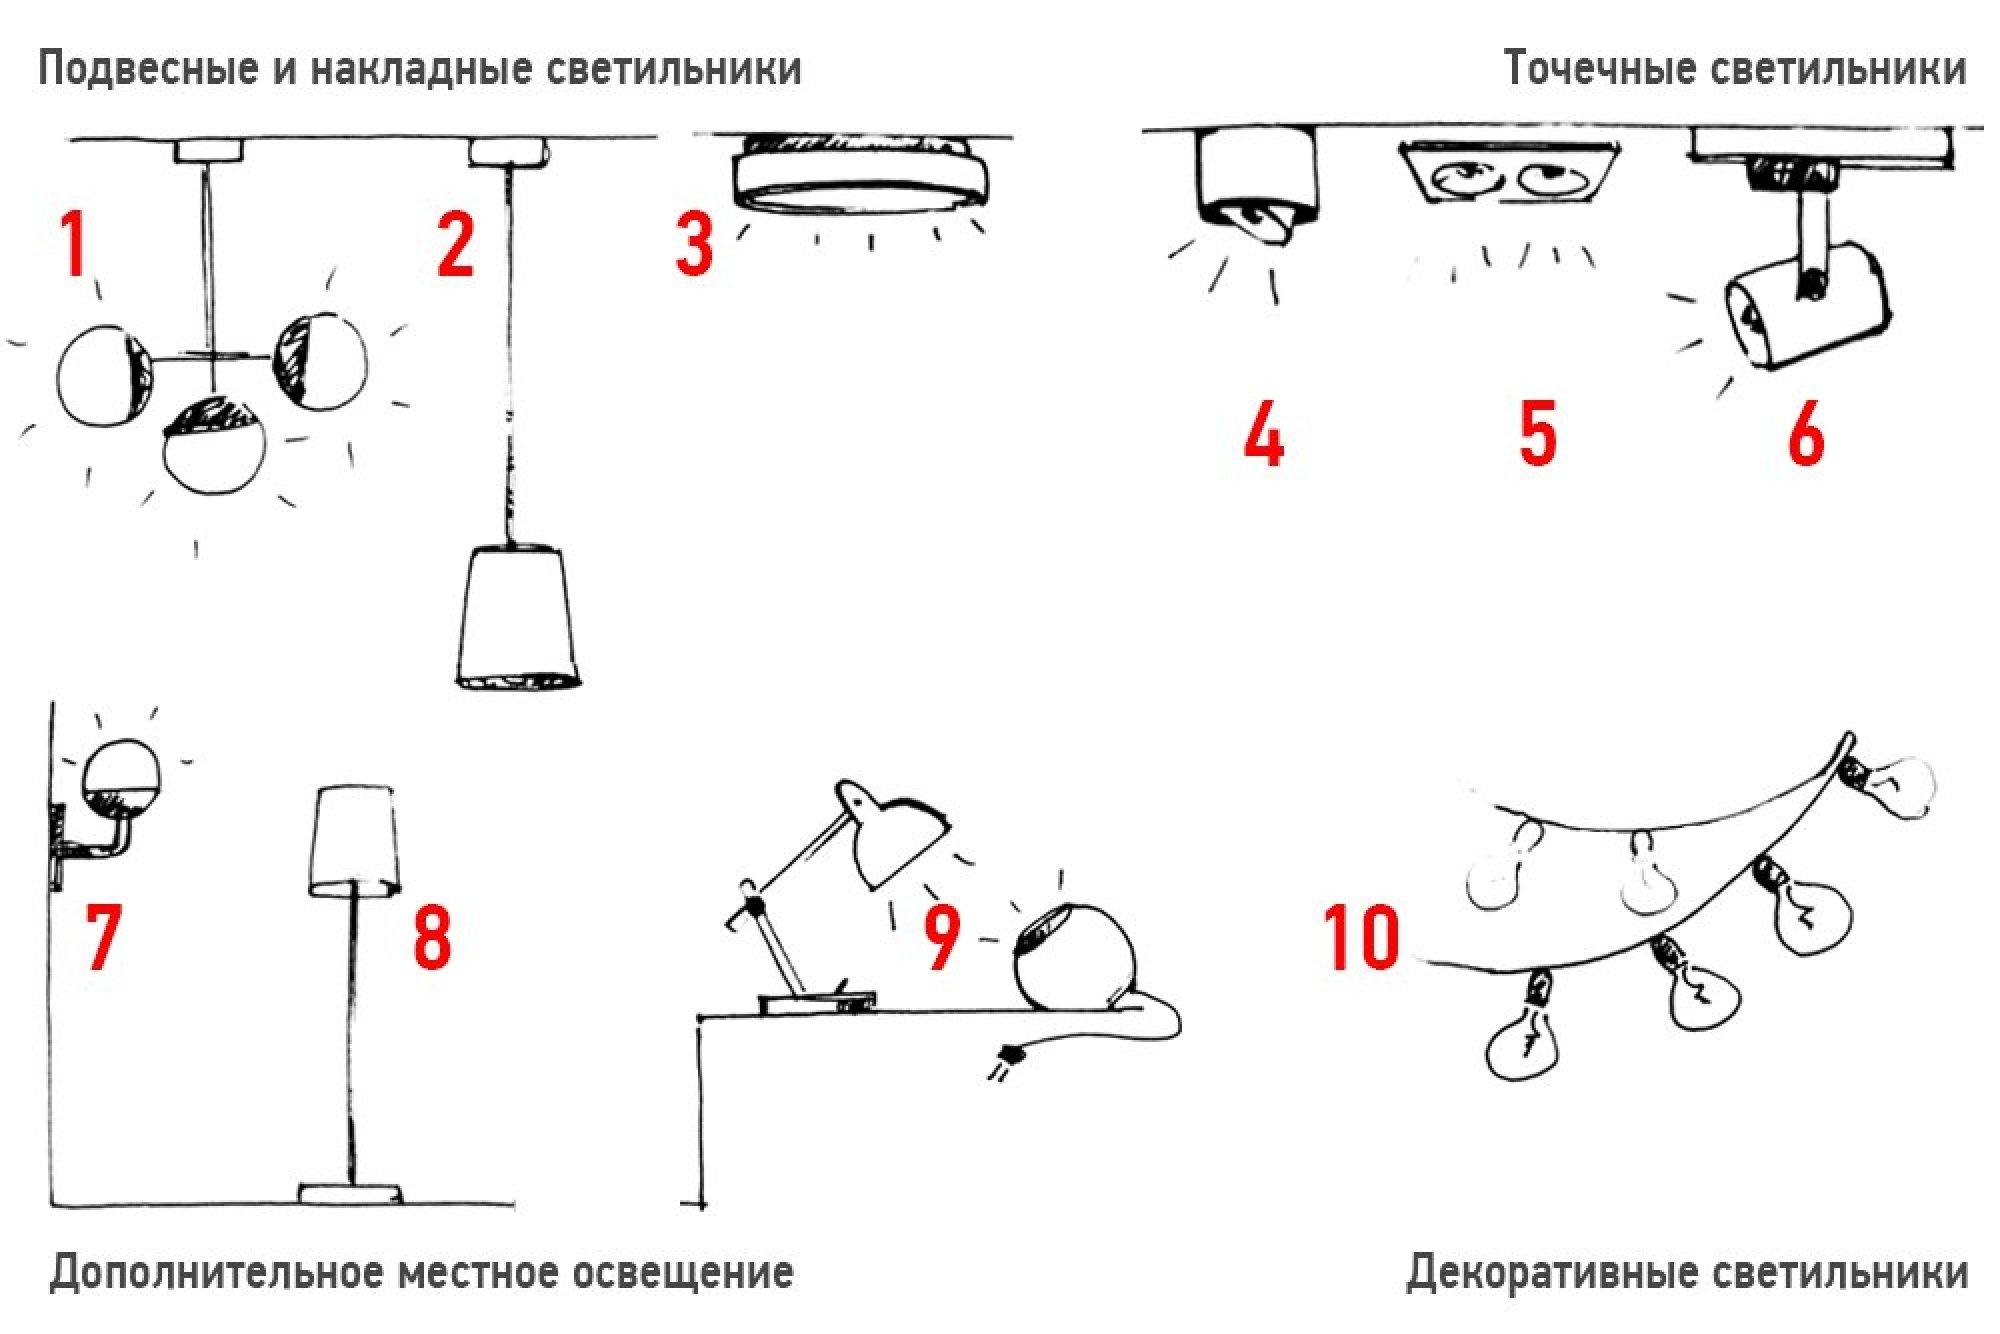 Нормы освещенности жилых помещений: таблица в люксах, освещенность производственных помещений и рабочих мест